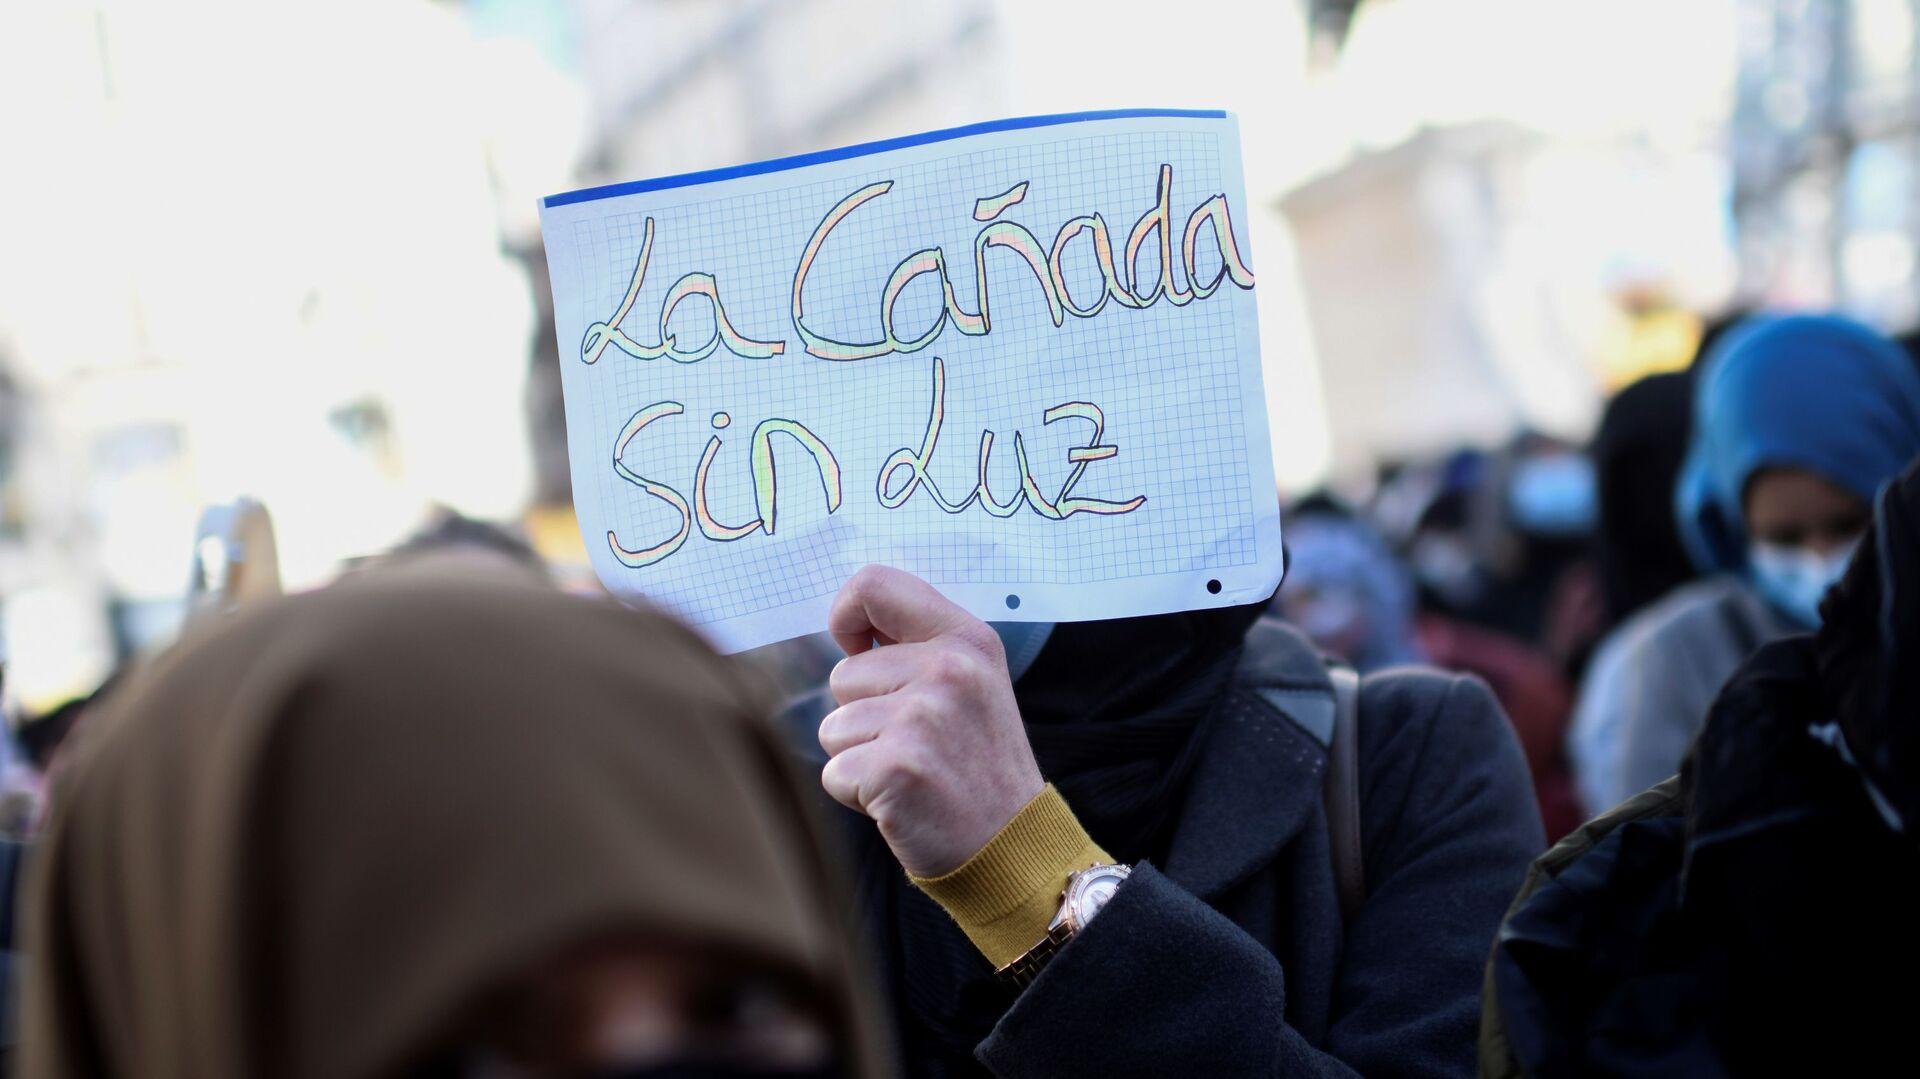 Protesta contra los cortes de energía en la Cañada Real. Madrid, 3 de diciembre de 2020 - Sputnik Mundo, 1920, 09.04.2021